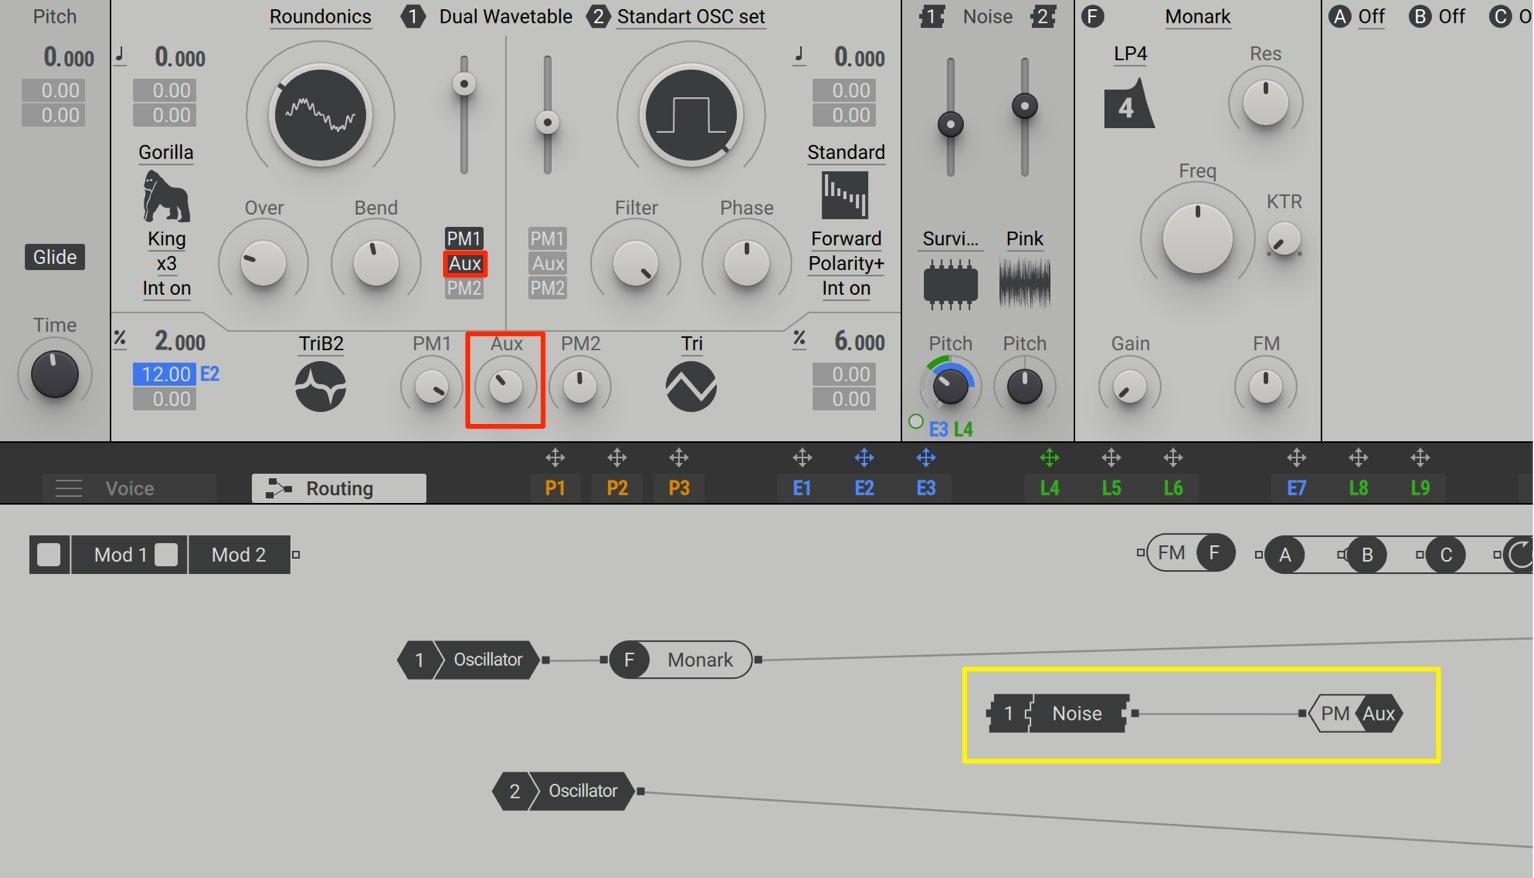 Noise PM AUX Massive X